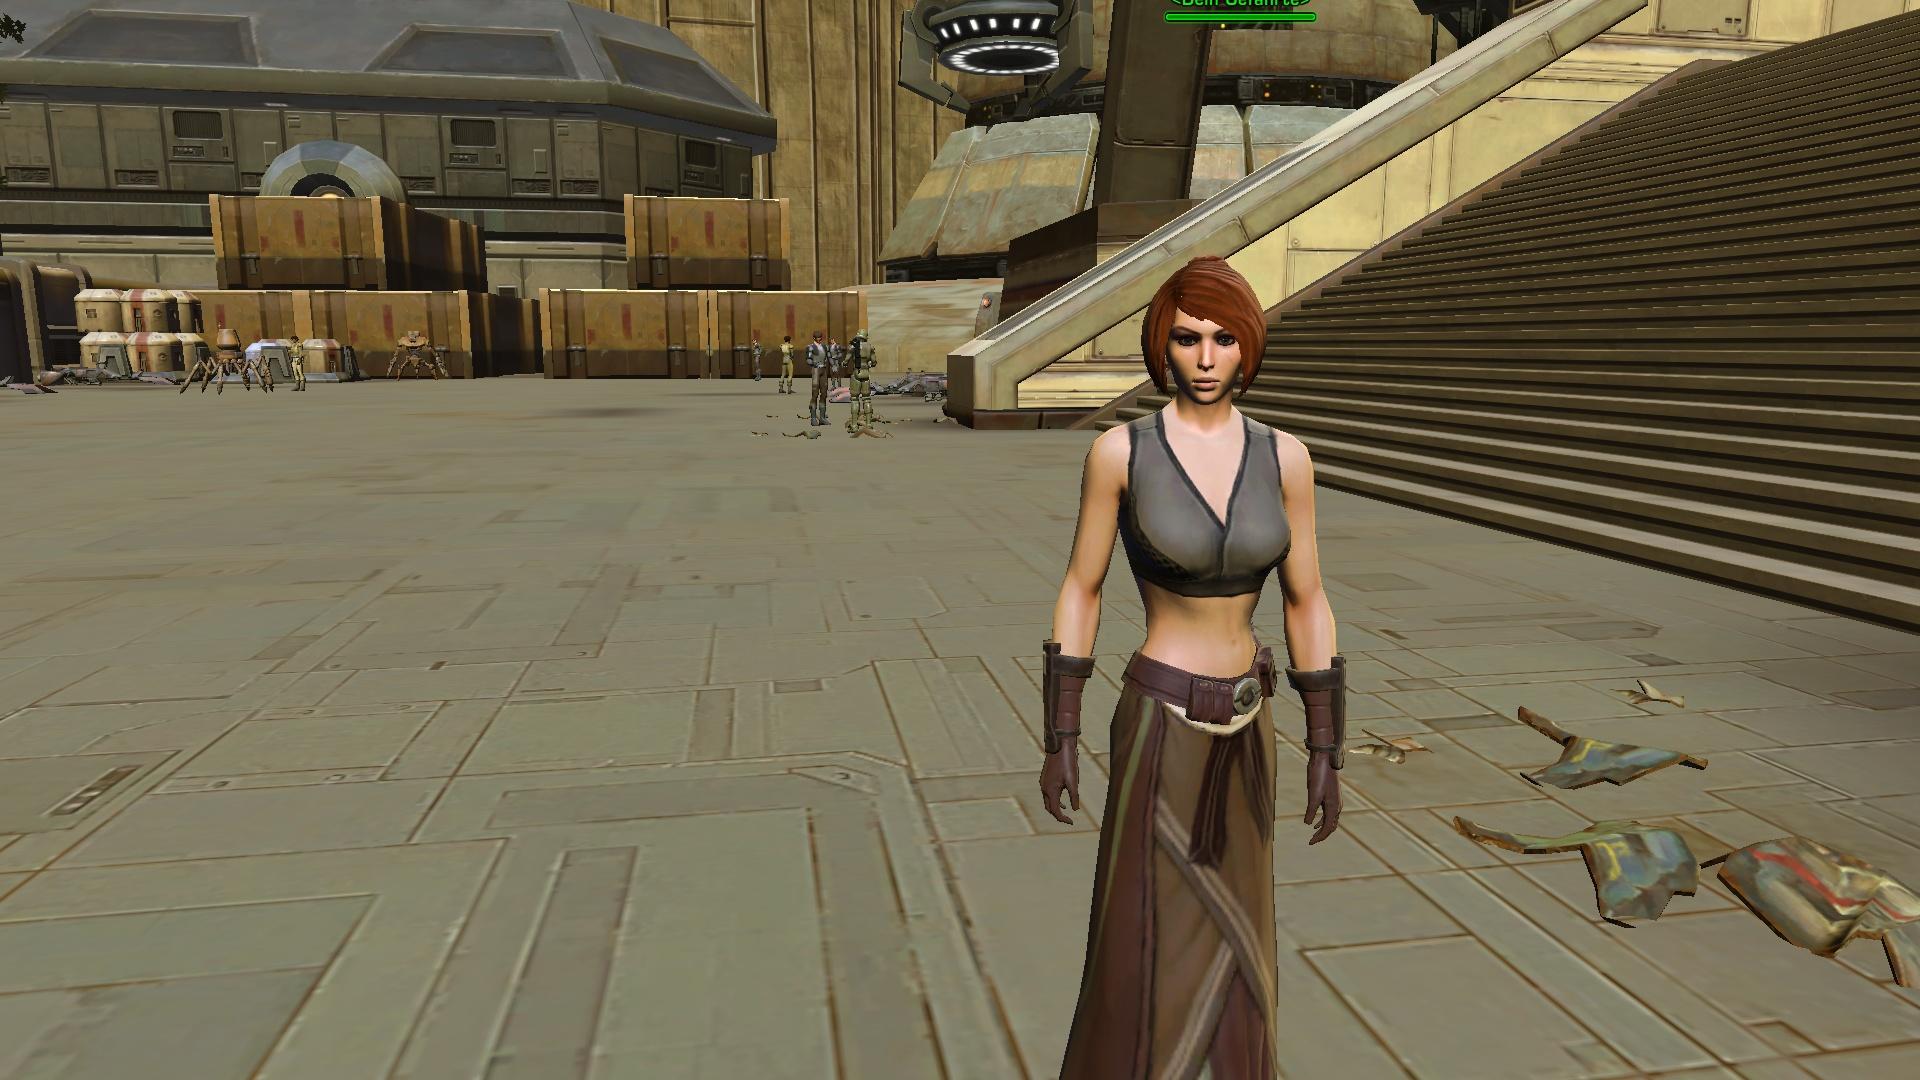 screenshot_2011-12-25ecyxe.jpg